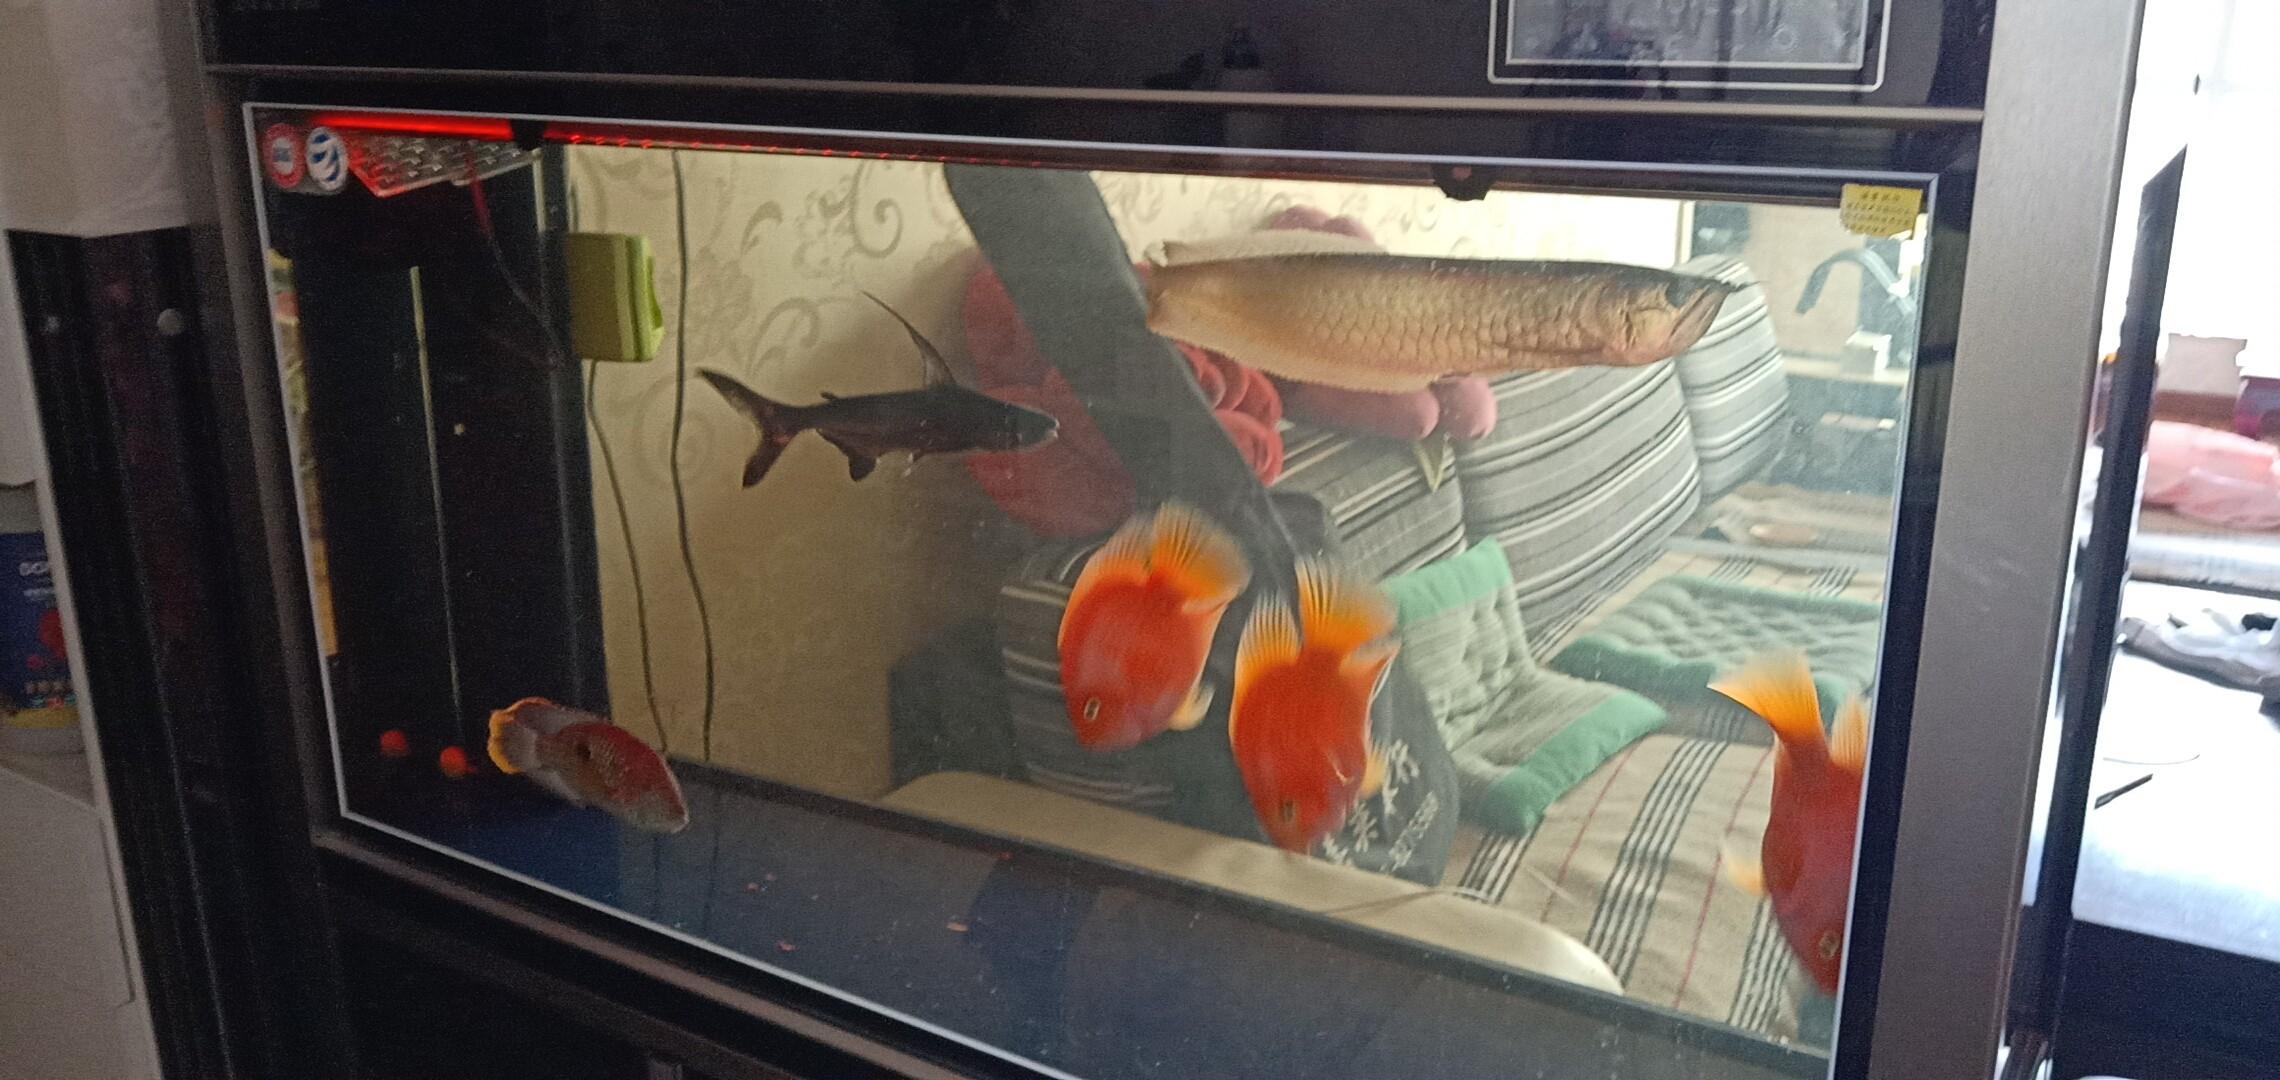 新手养银龙怎么养教教我 哈尔滨龙鱼论坛 哈尔滨龙鱼第1张